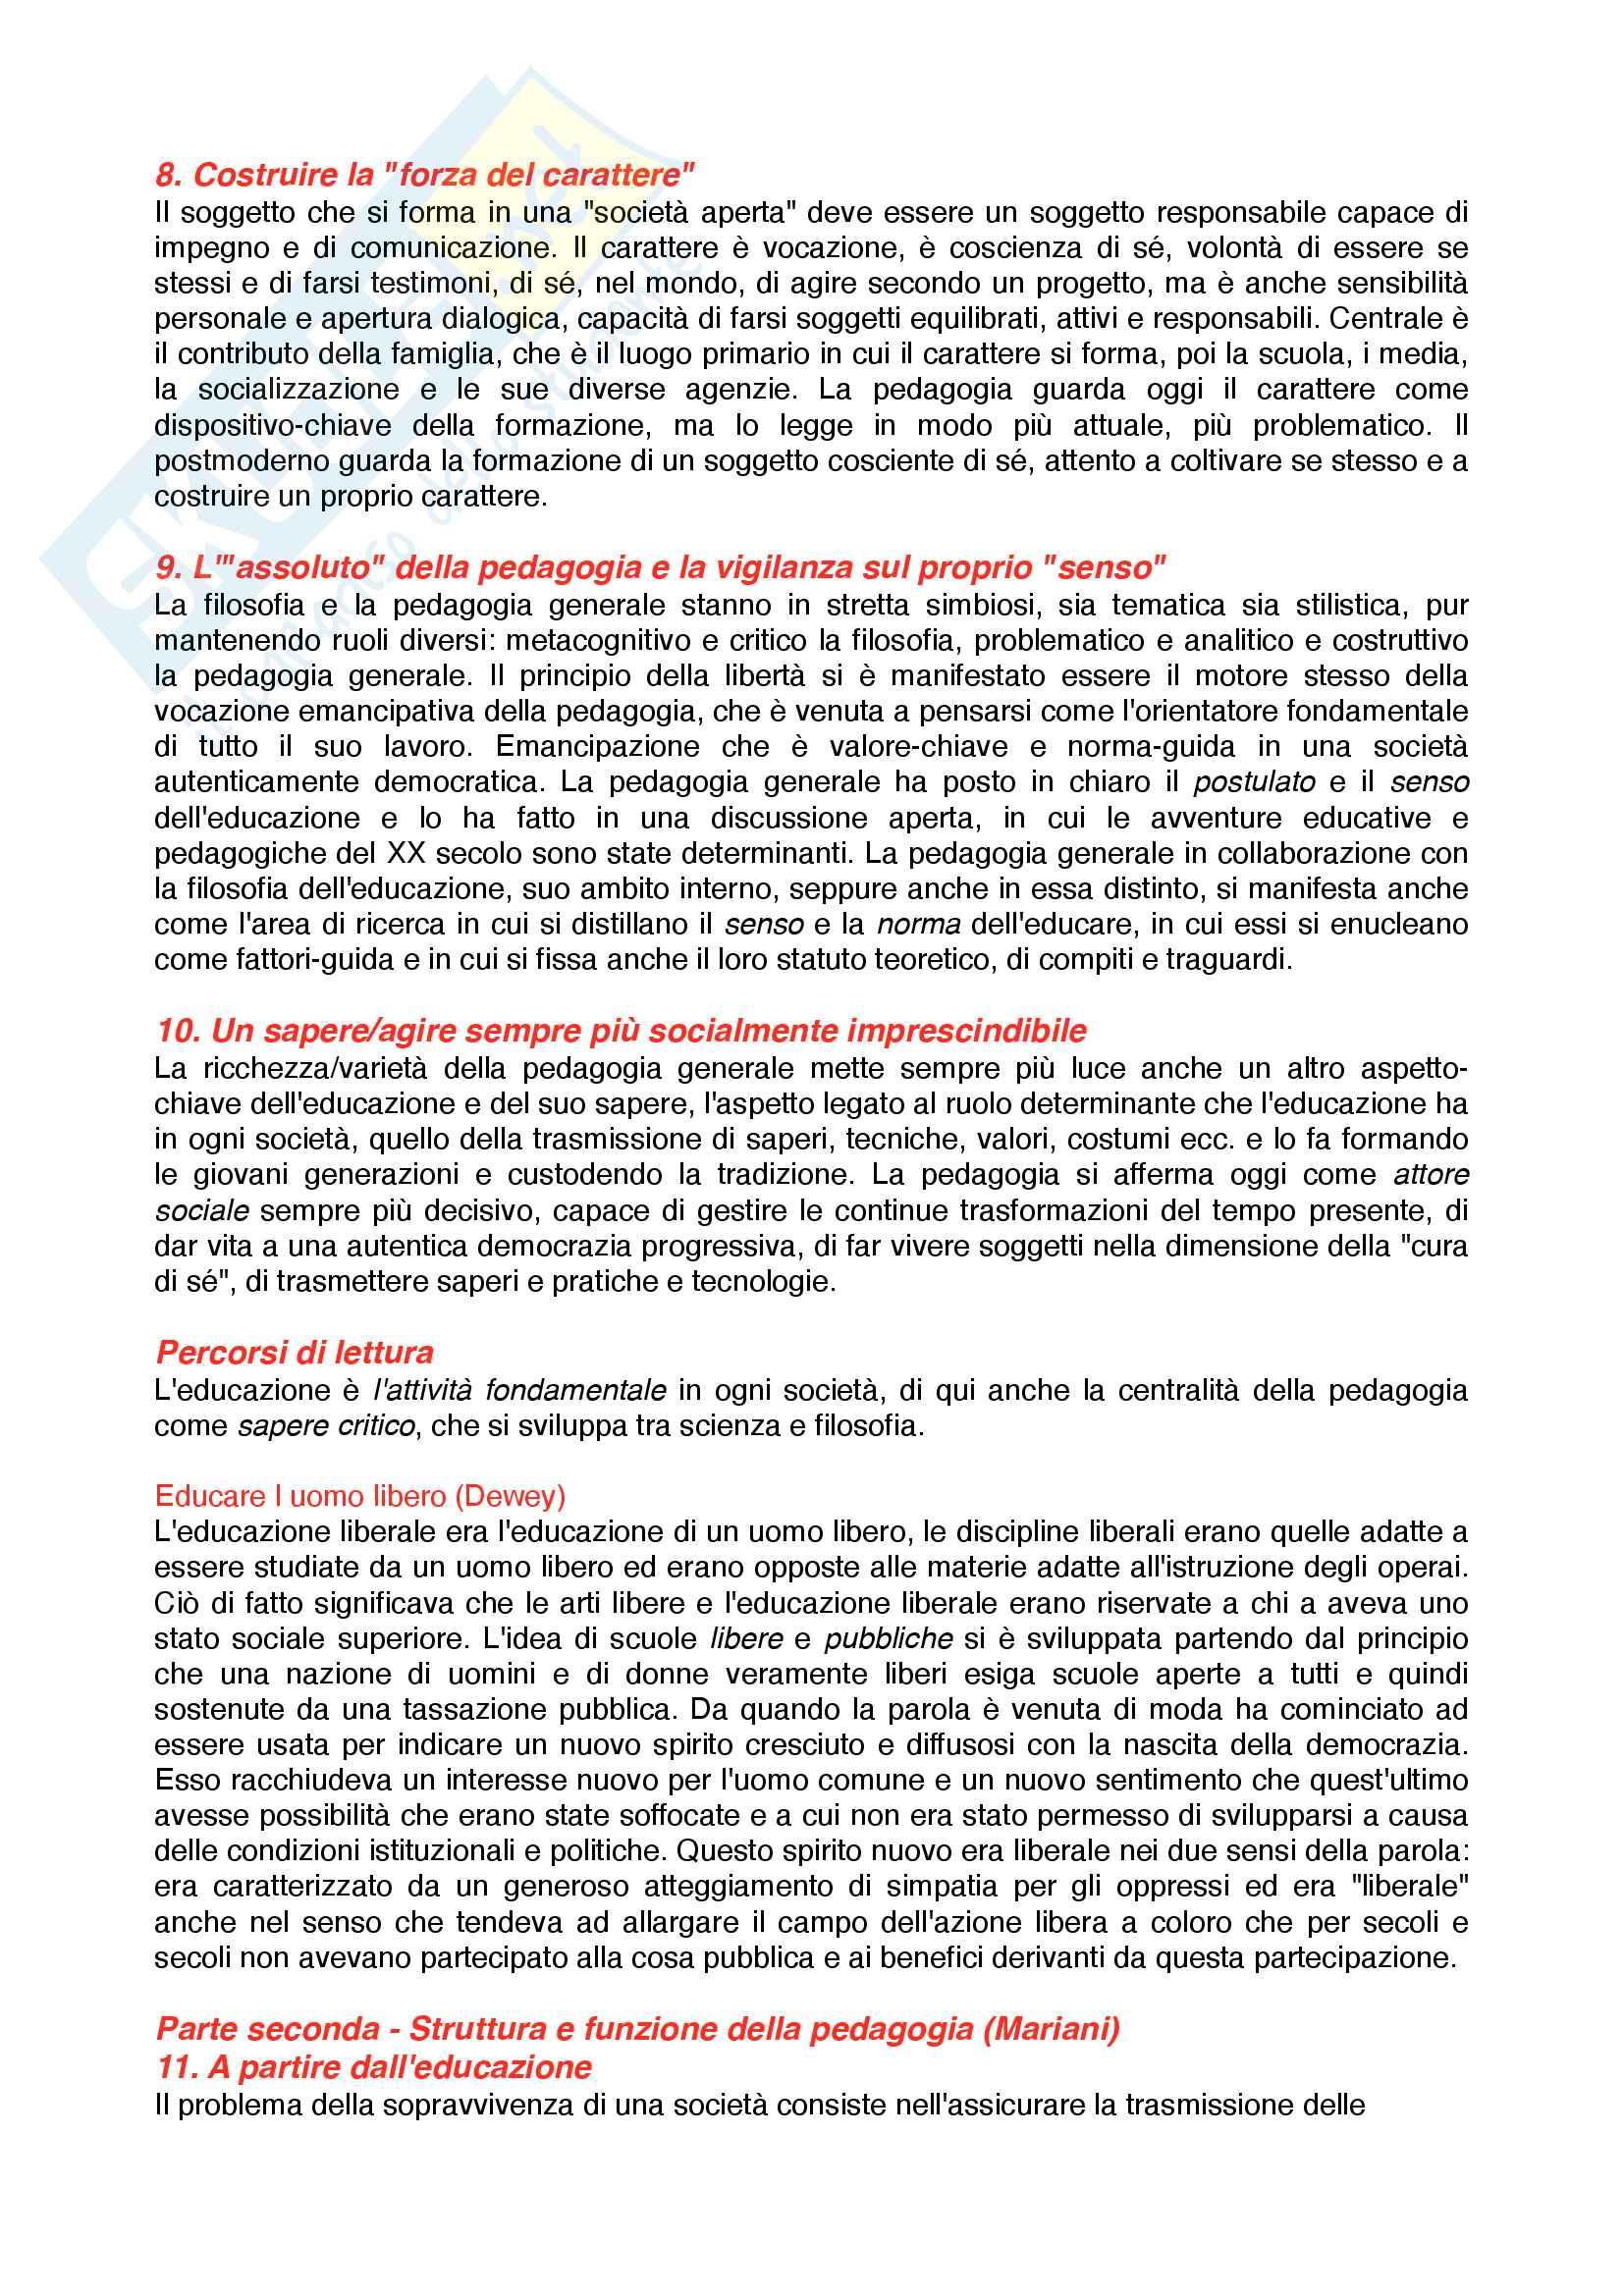 Riassunto esame Pedagogia generale, prof. Madrussan, libro consigliato Pedagogia Generale, identità, percorsi, funzione Pag. 6